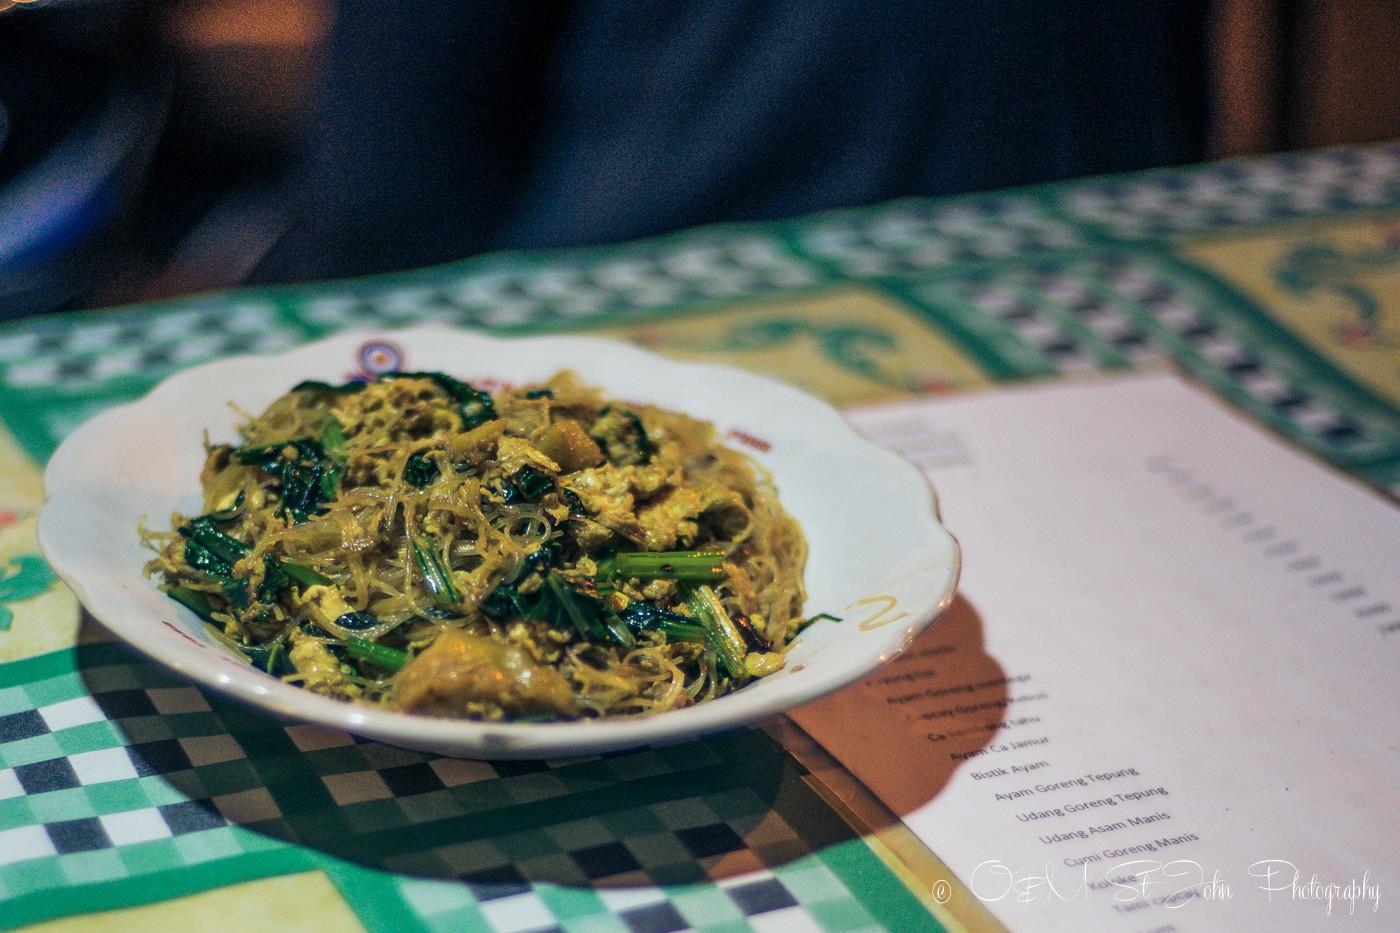 things to do in yogyakarta at night eat Mie Goreng at Warung Mie Jakarta